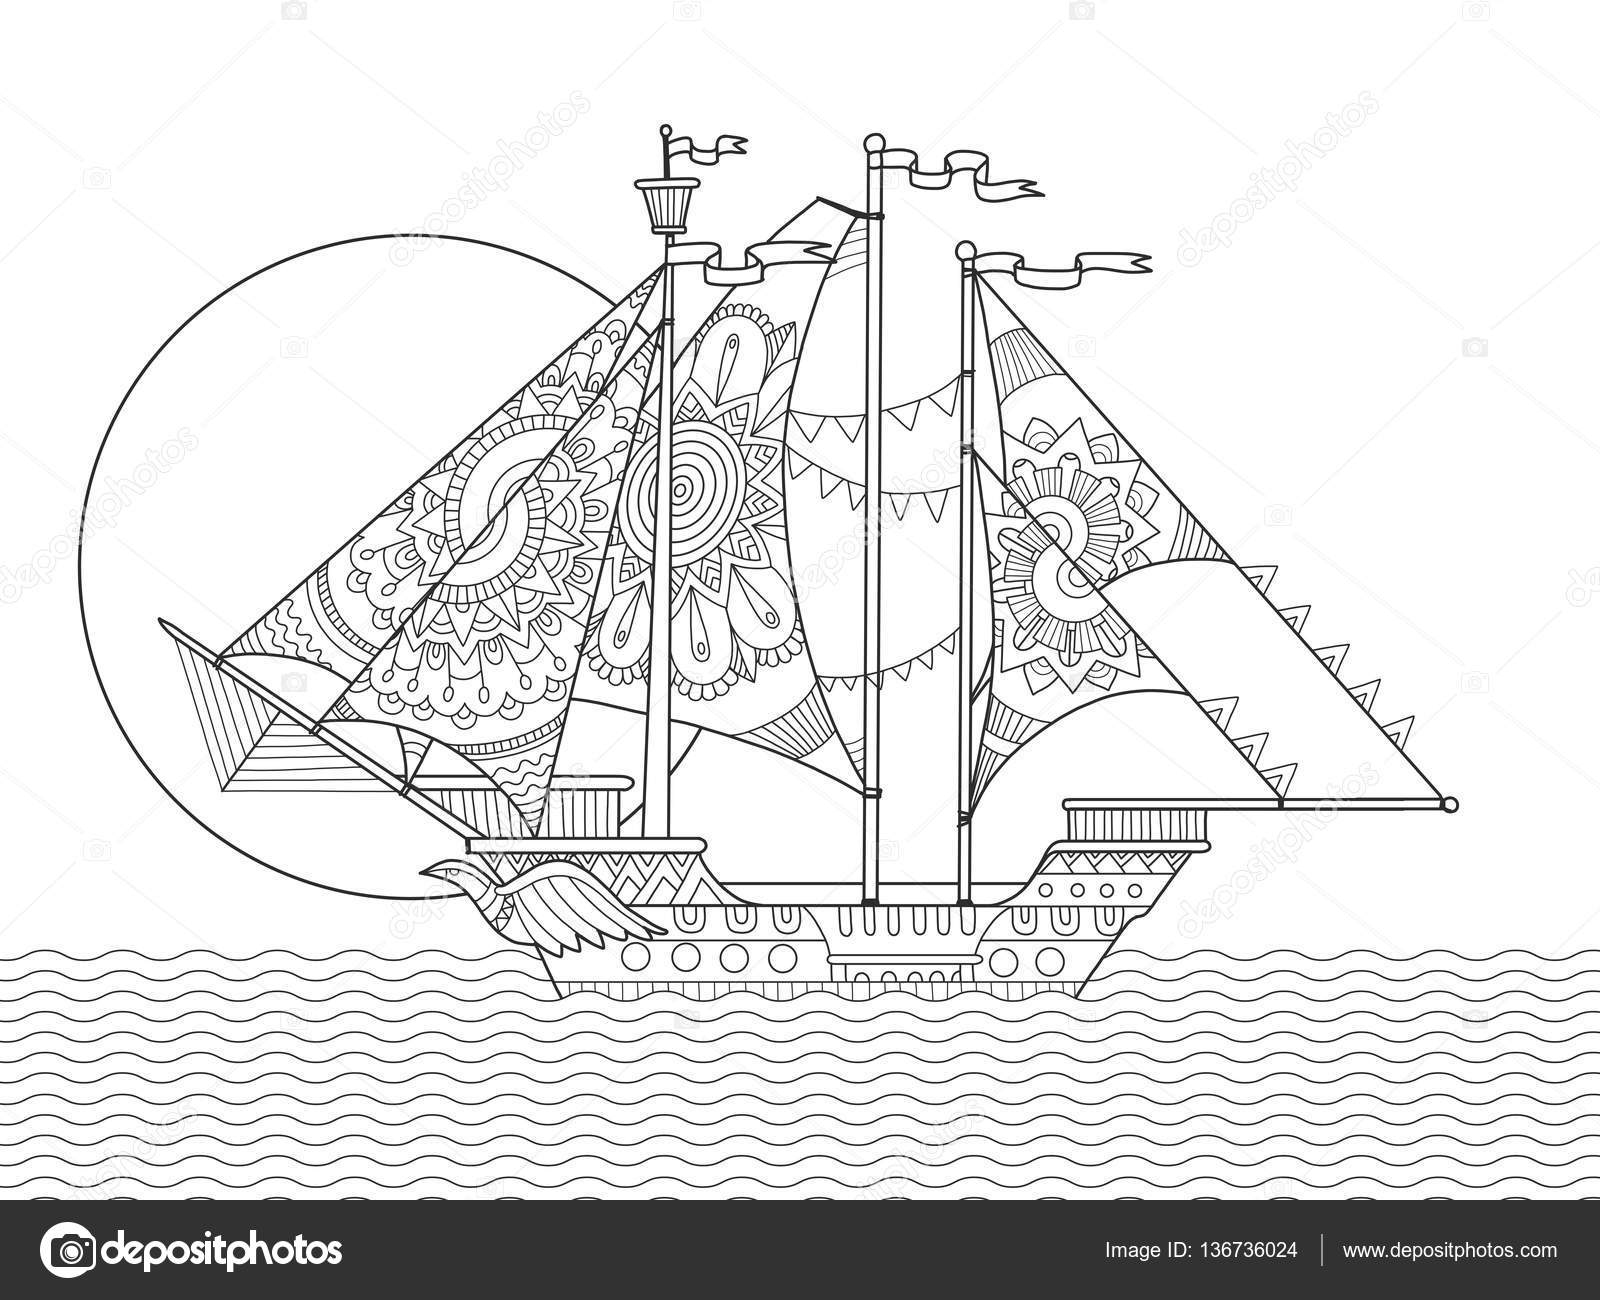 Libro de vela barco dibujo para colorear vector — Archivo Imágenes ...